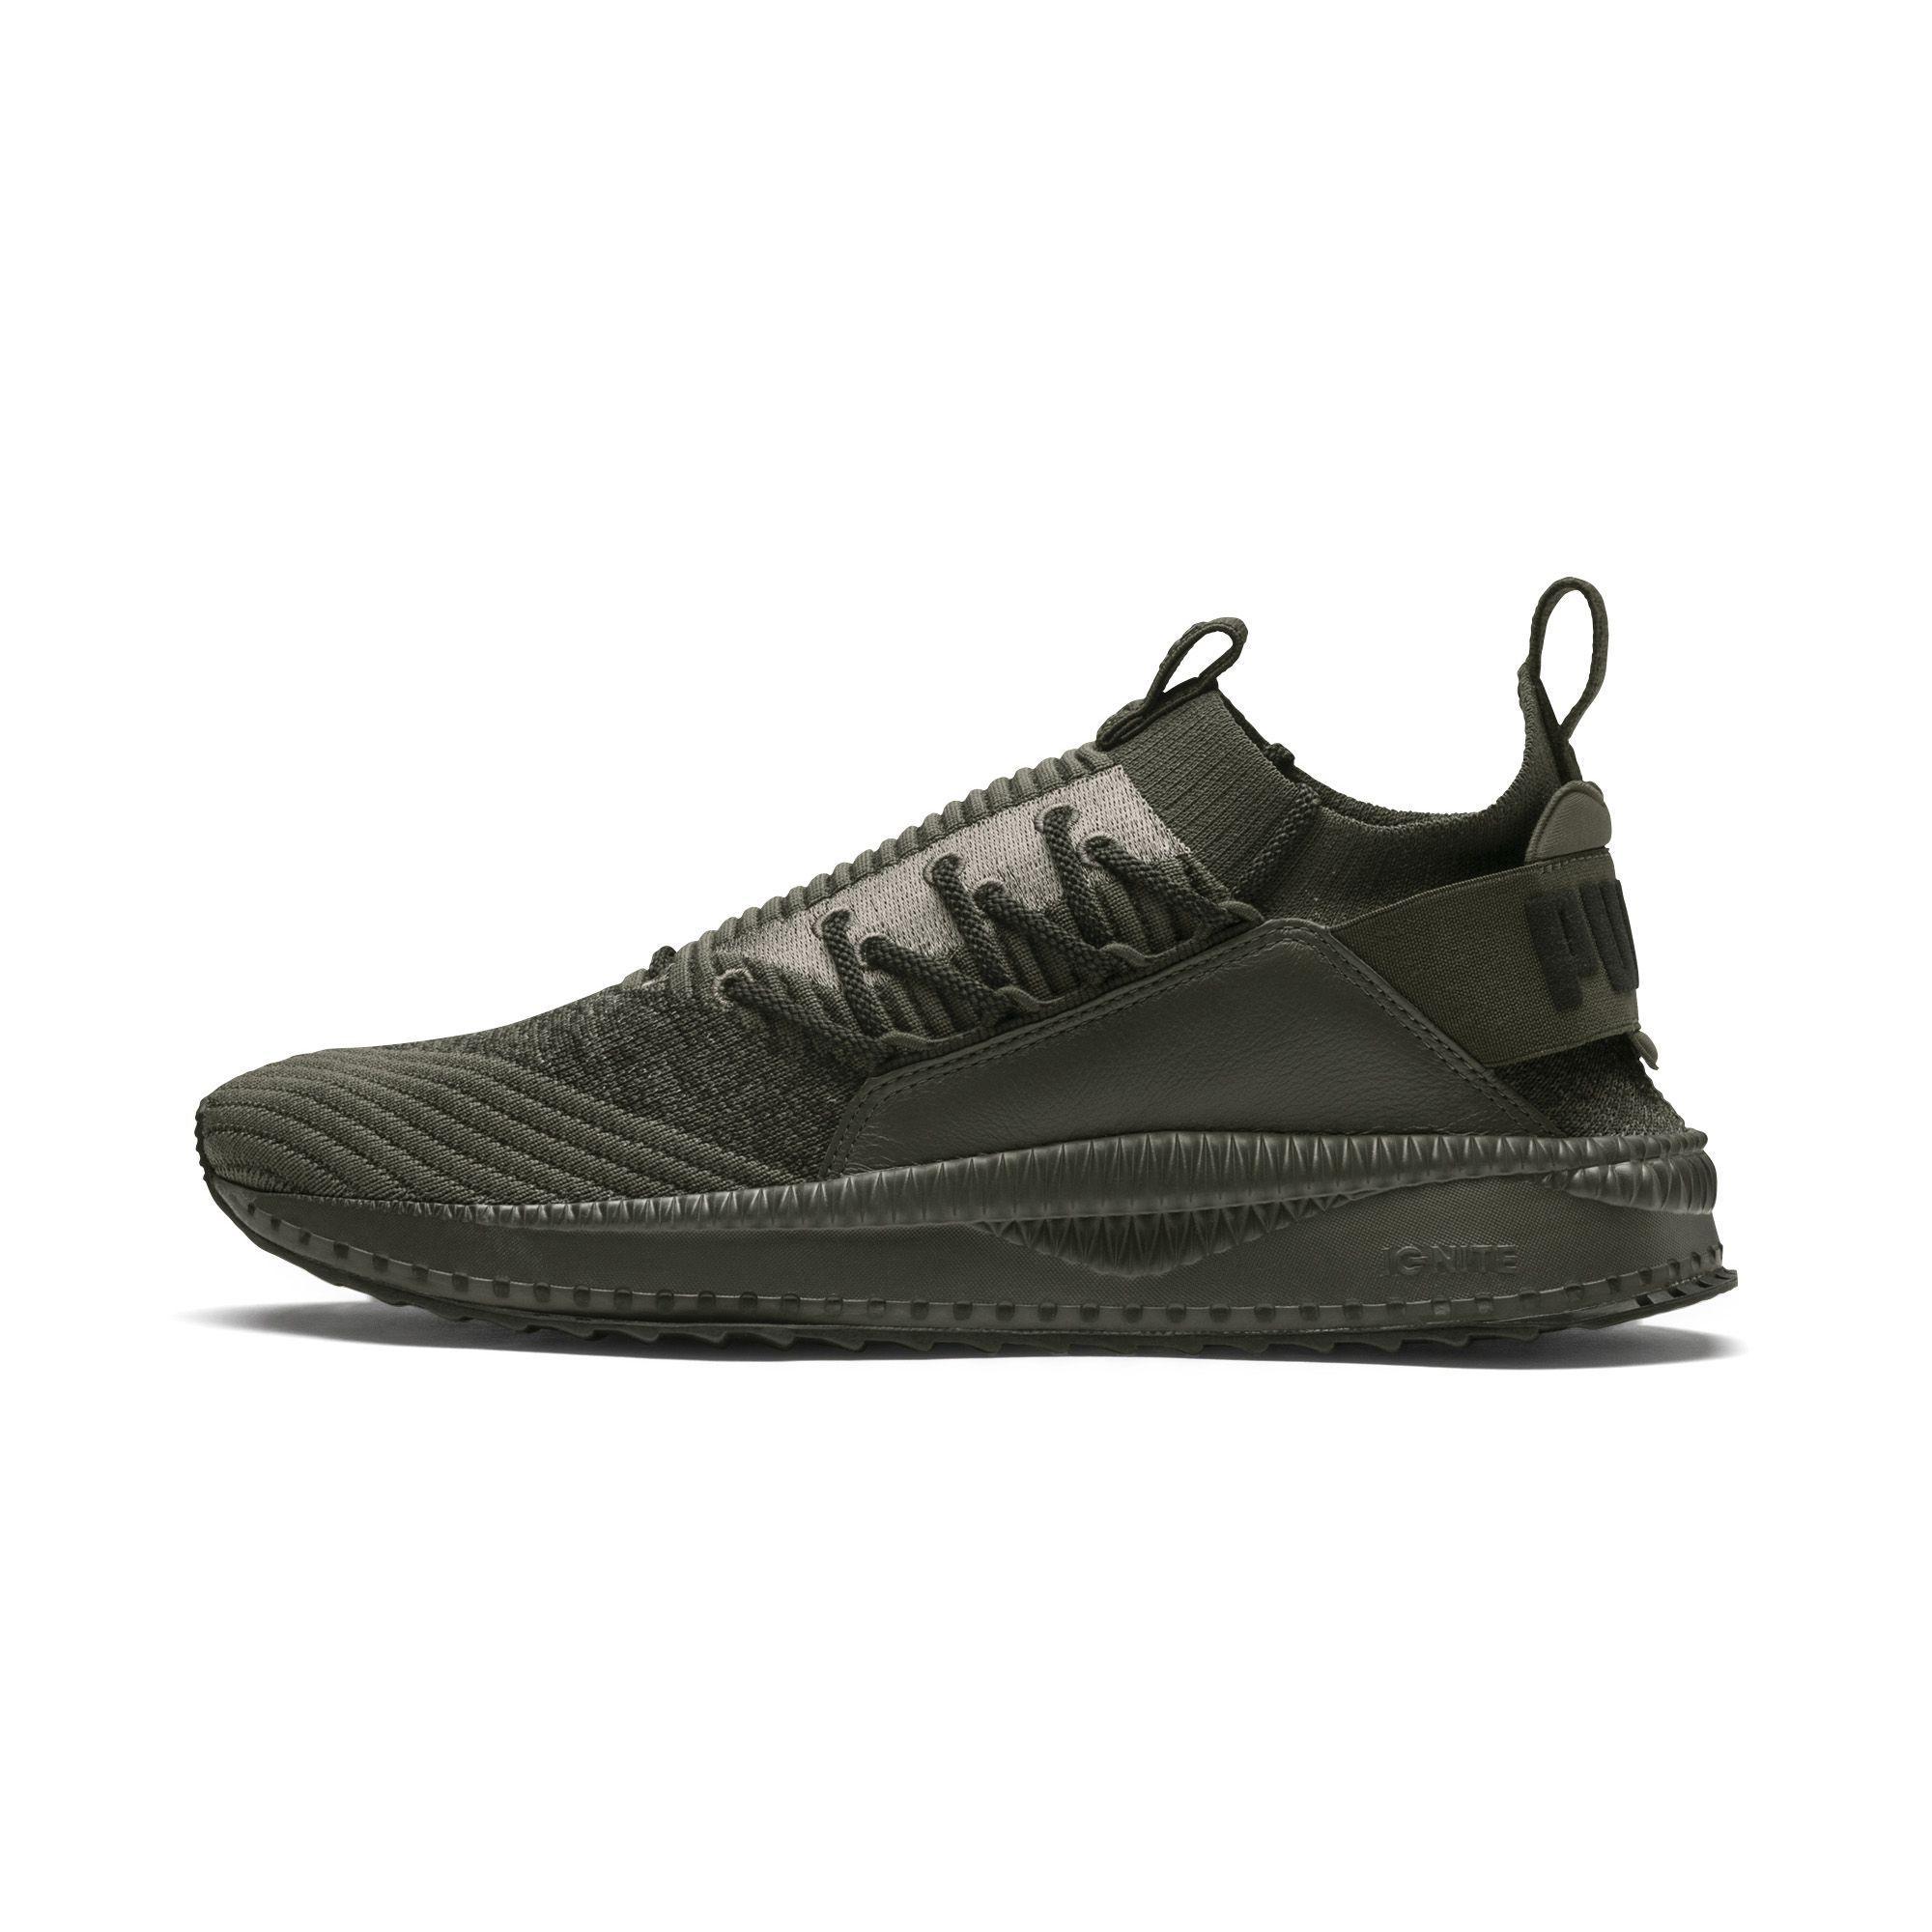 f1e0fe96c80 Lyst - PUMA Tsugi Jun Baroque Sneakers in Black for Men